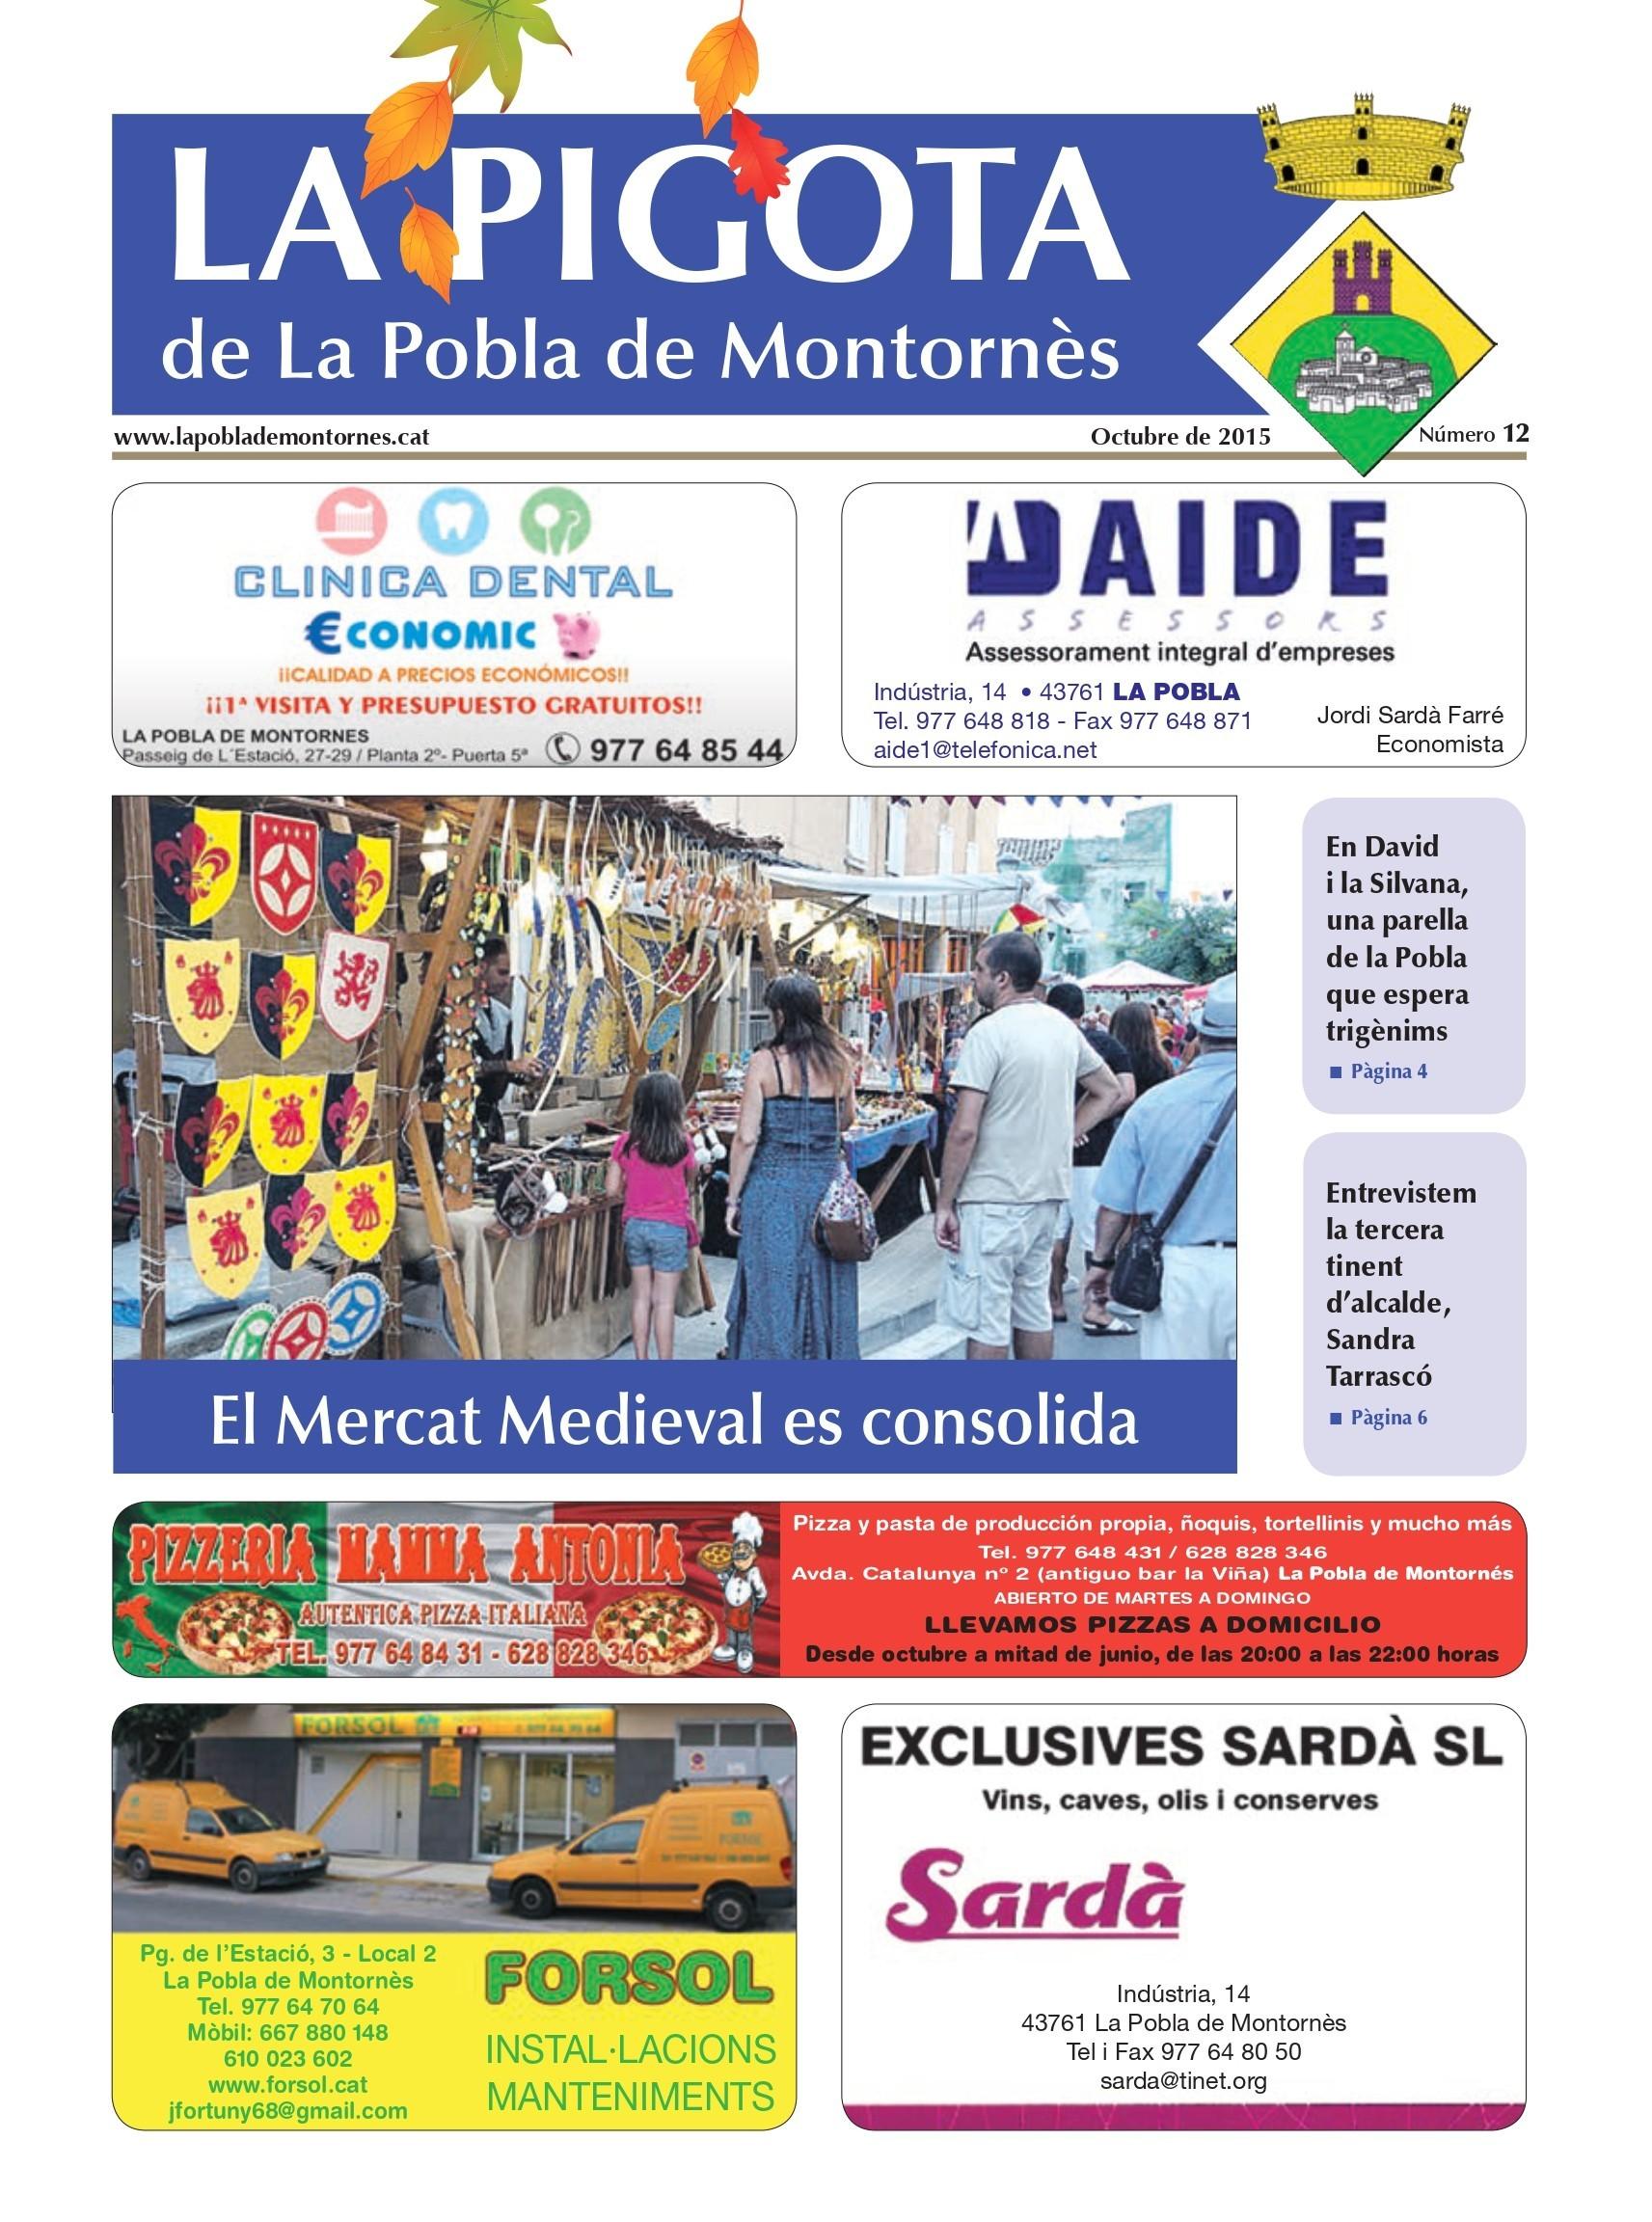 Revista La Pigota núm. 13 (Octubre, Novembre i Desembre 2015)